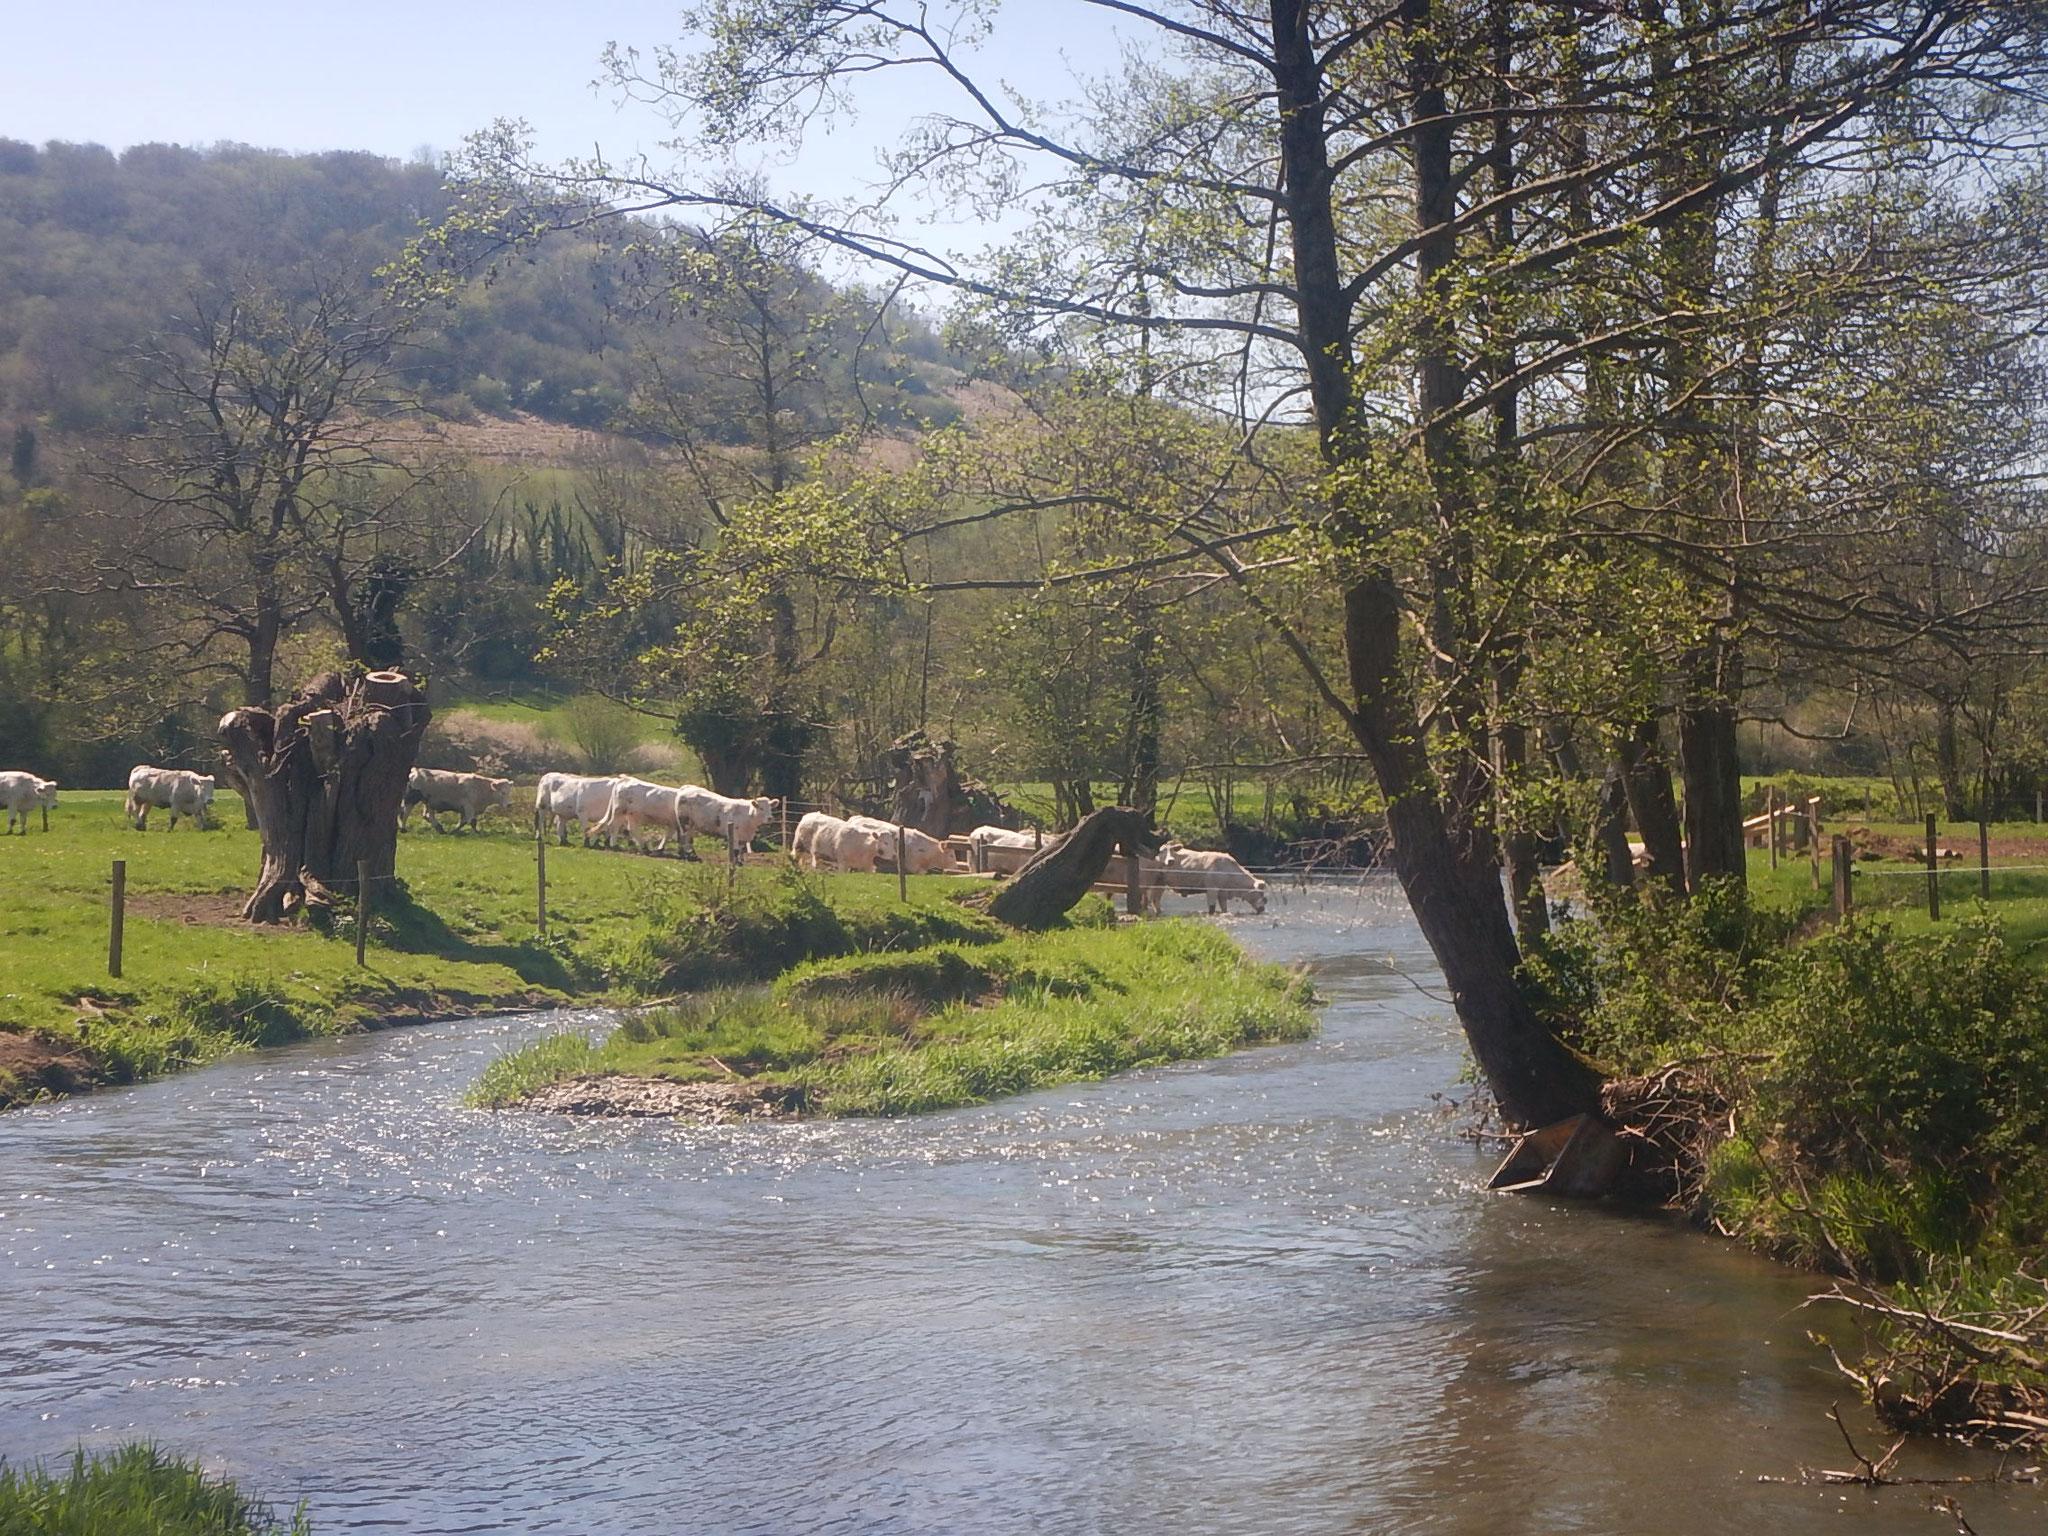 Mise à l'herbe des bovins.